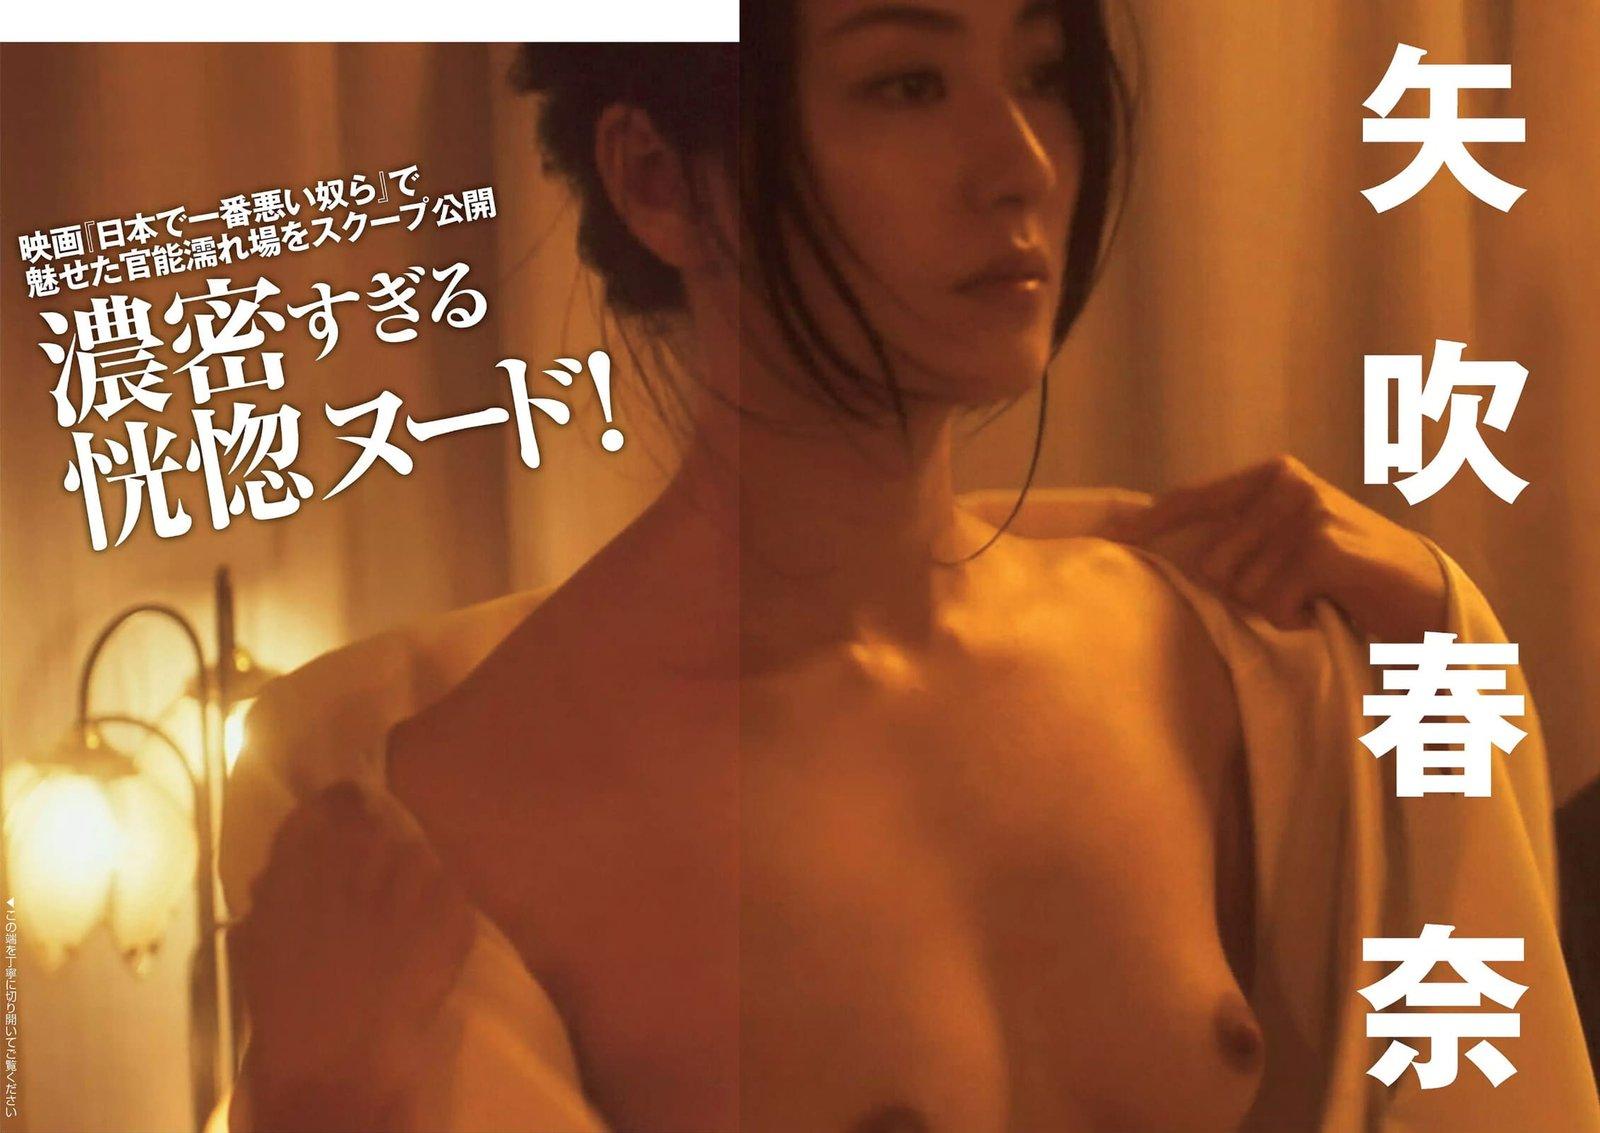 「週刊FLASH(フラッシュ) 2016年7月12日号」矢吹春奈のヌード